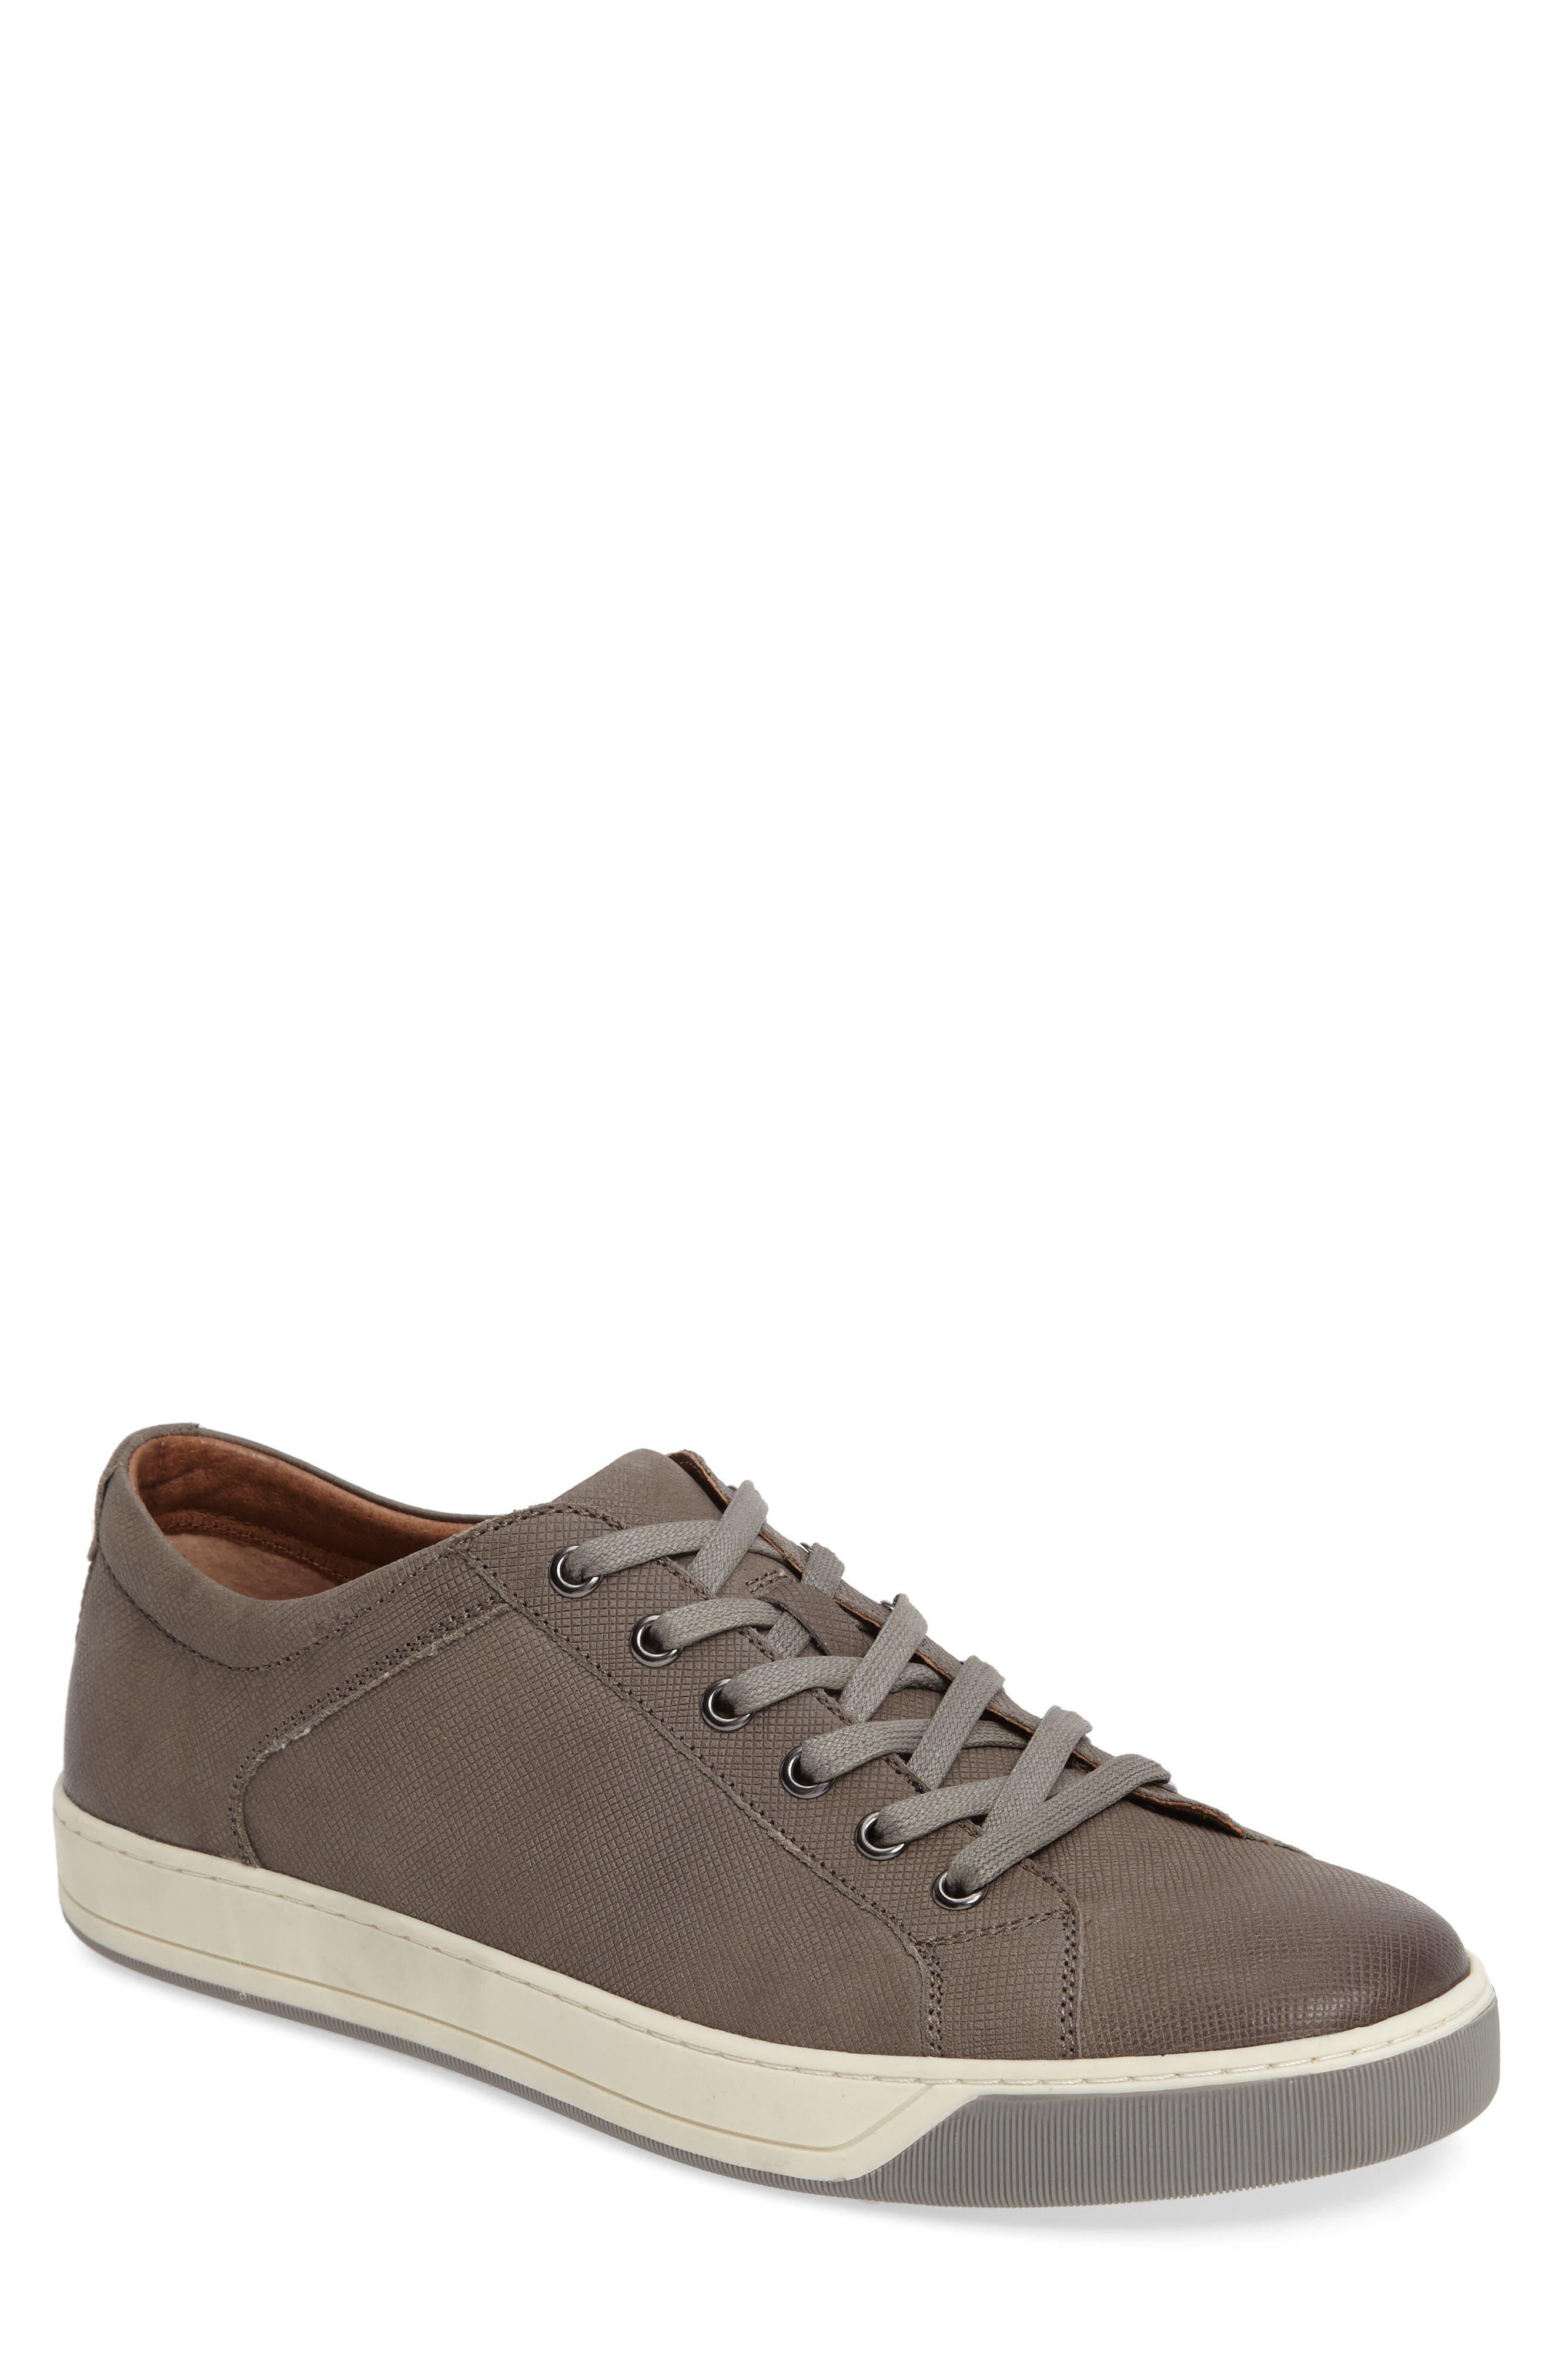 Johnston \u0026 Murphy | Allister Sneaker